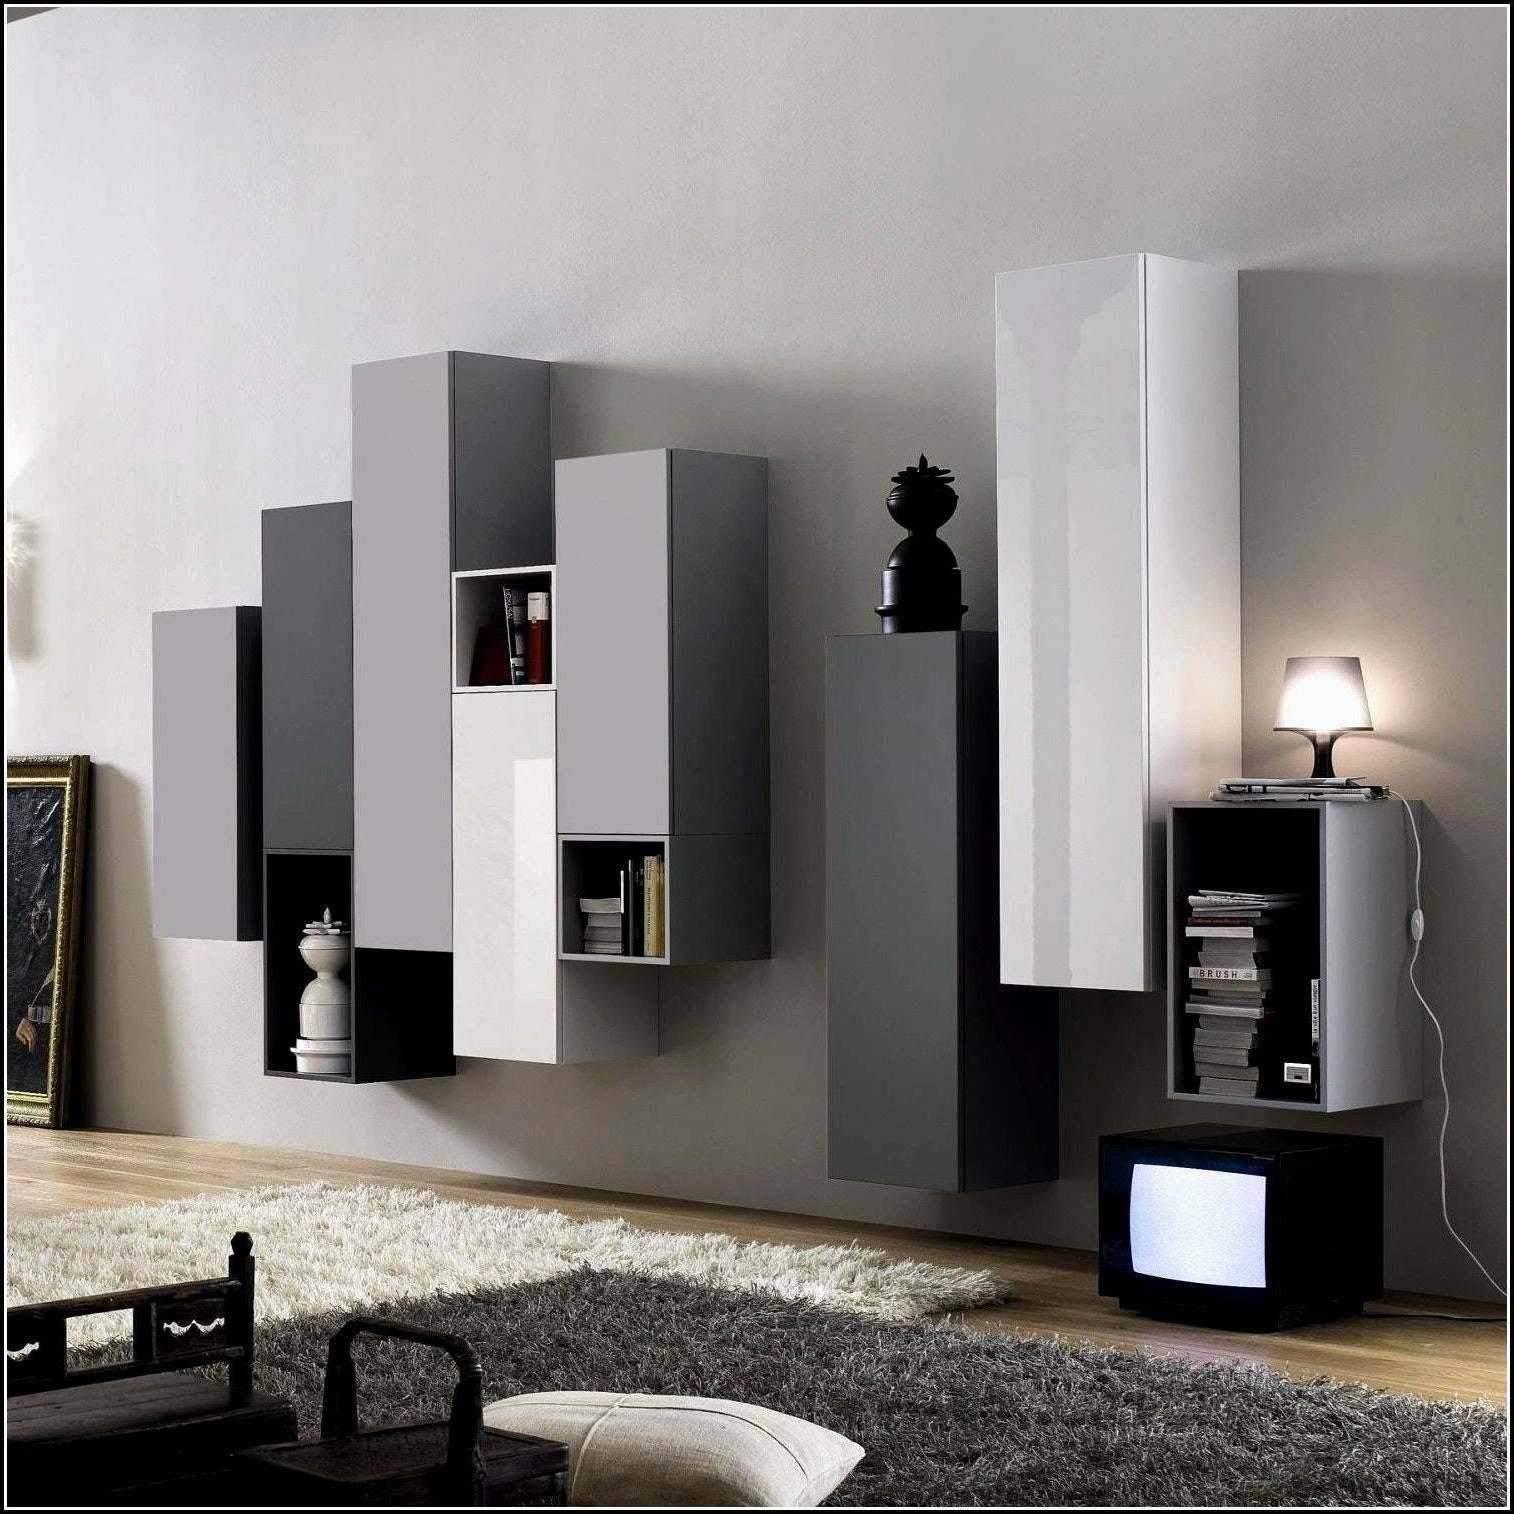 Full Size of Hängeschrank Wohnzimmer 28 Schn Hngeschrank Wei Hochglanz Luxus Vinylboden Wohnwand Weiß Deckenlampen Für Teppiche Hängelampe Komplett Bad Vitrine Wohnzimmer Hängeschrank Wohnzimmer